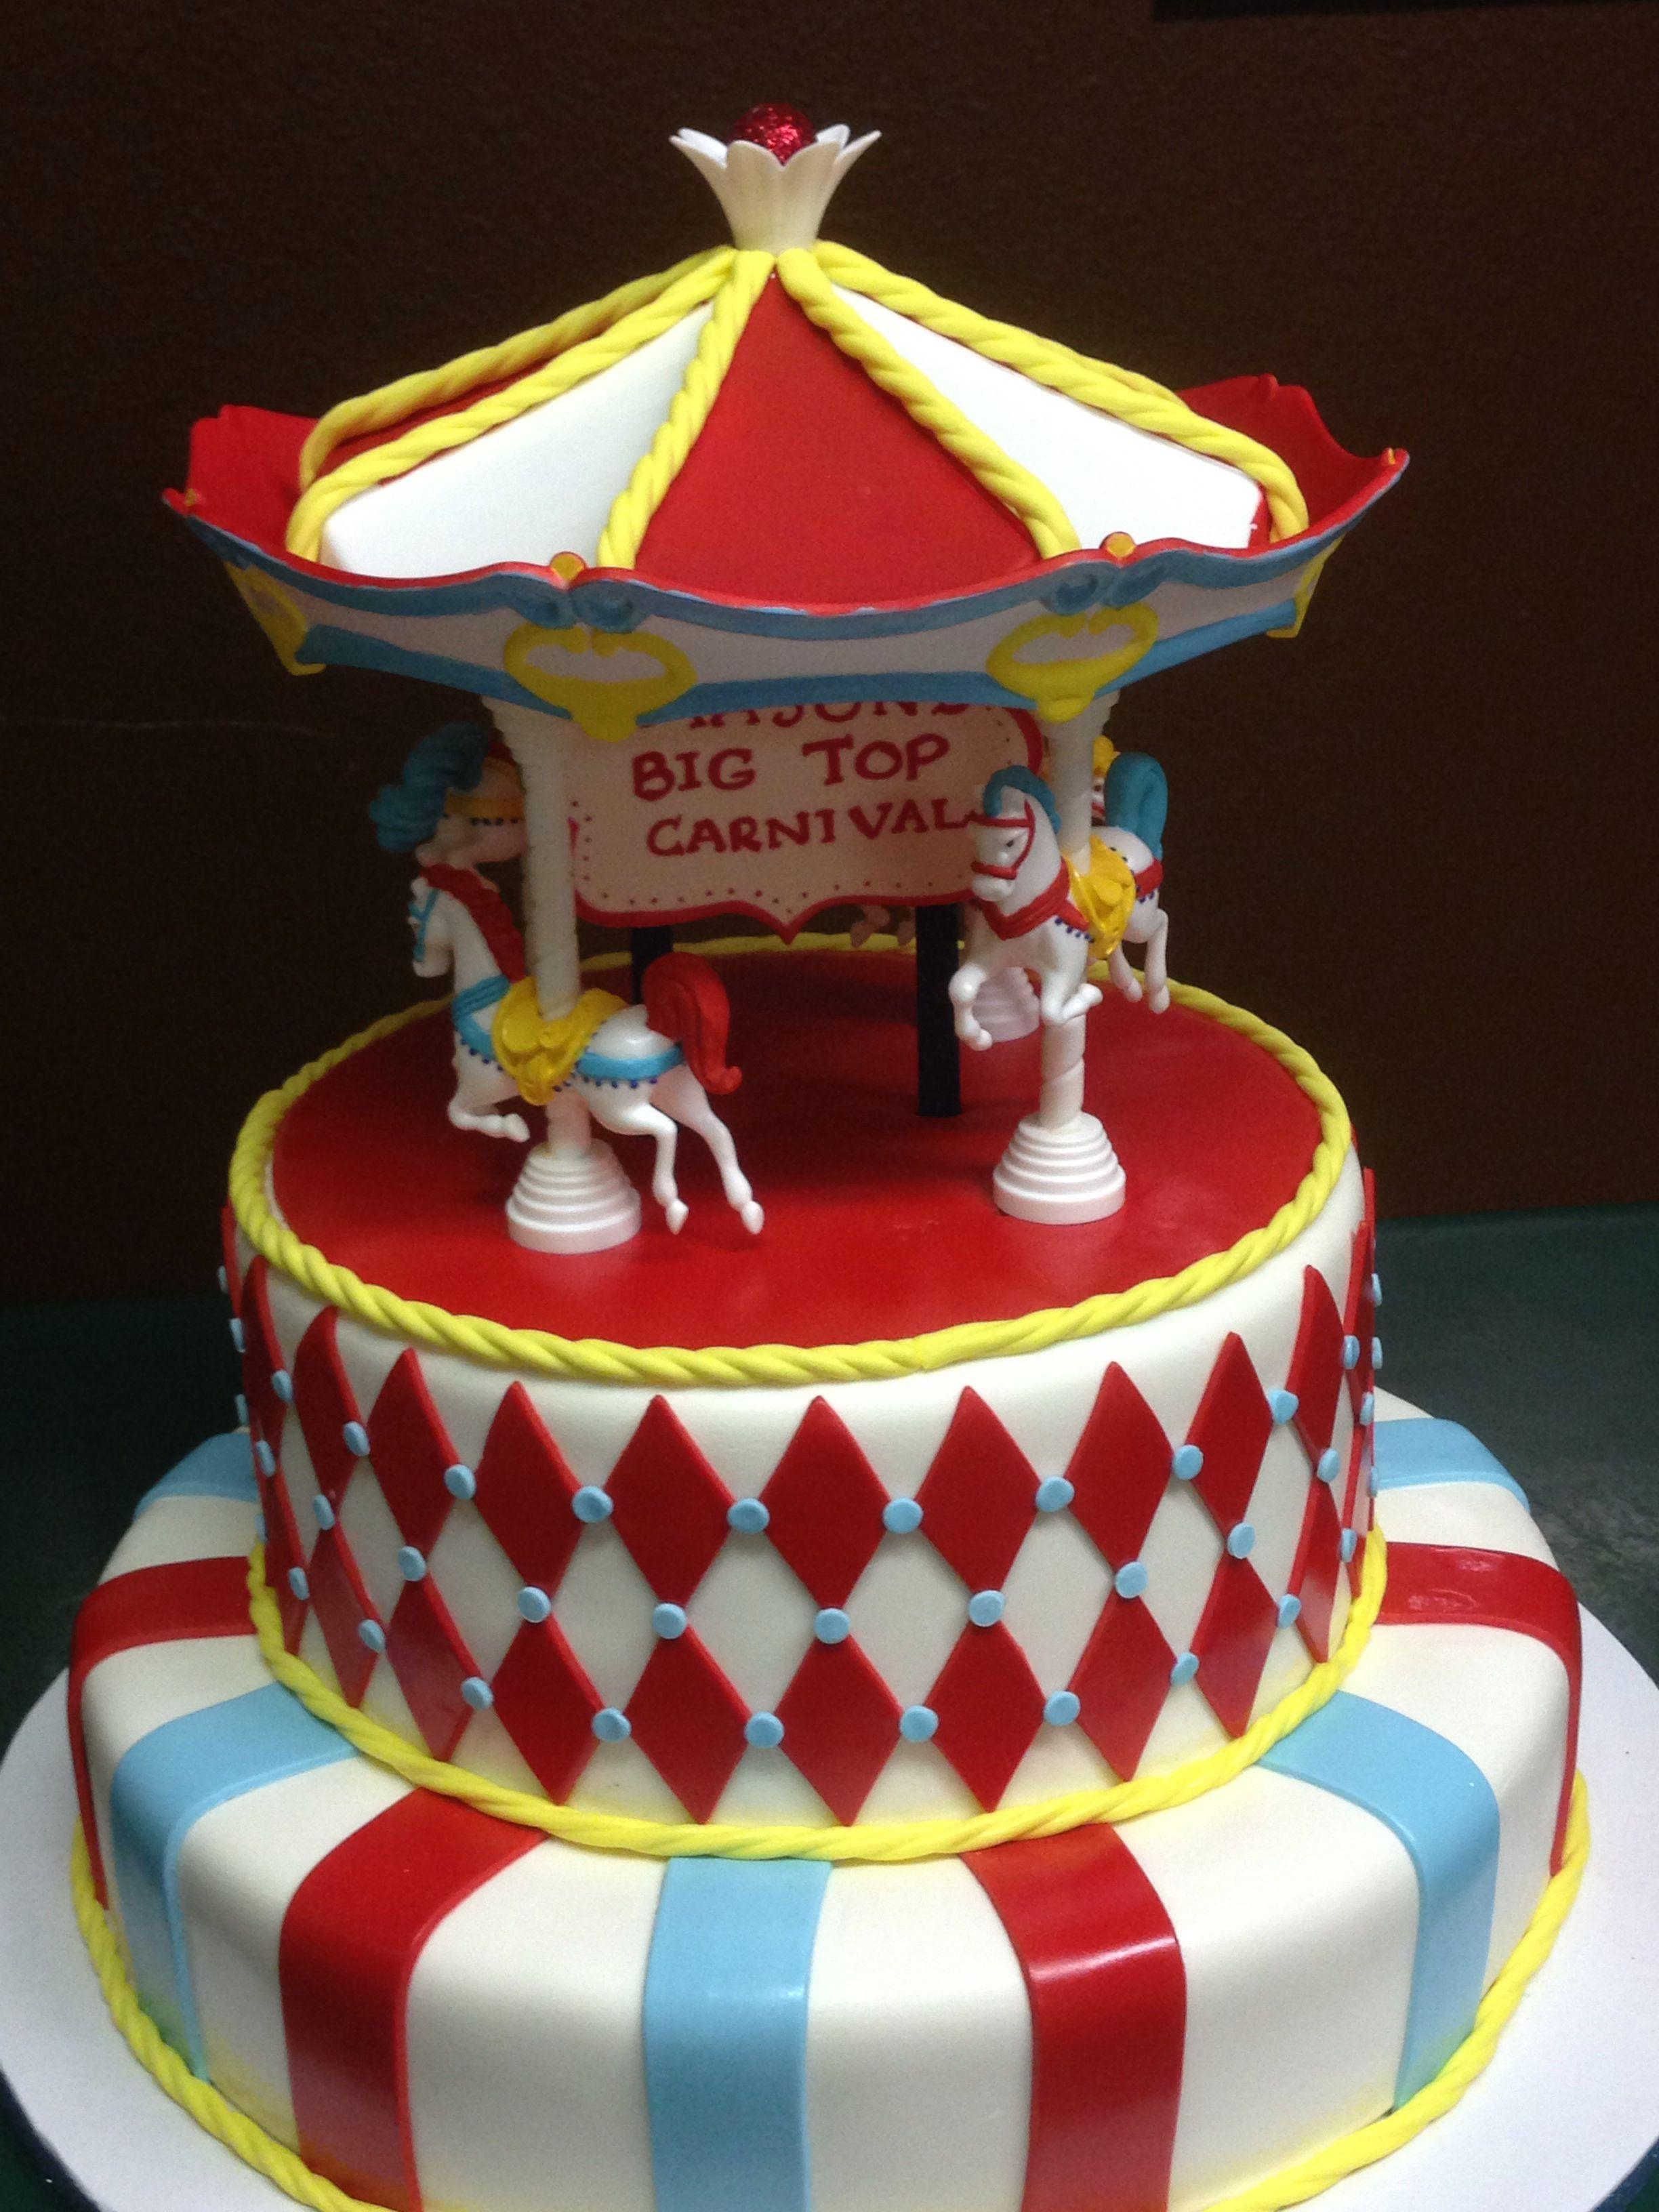 Circus carnival birthday cake by cake designs las vegas